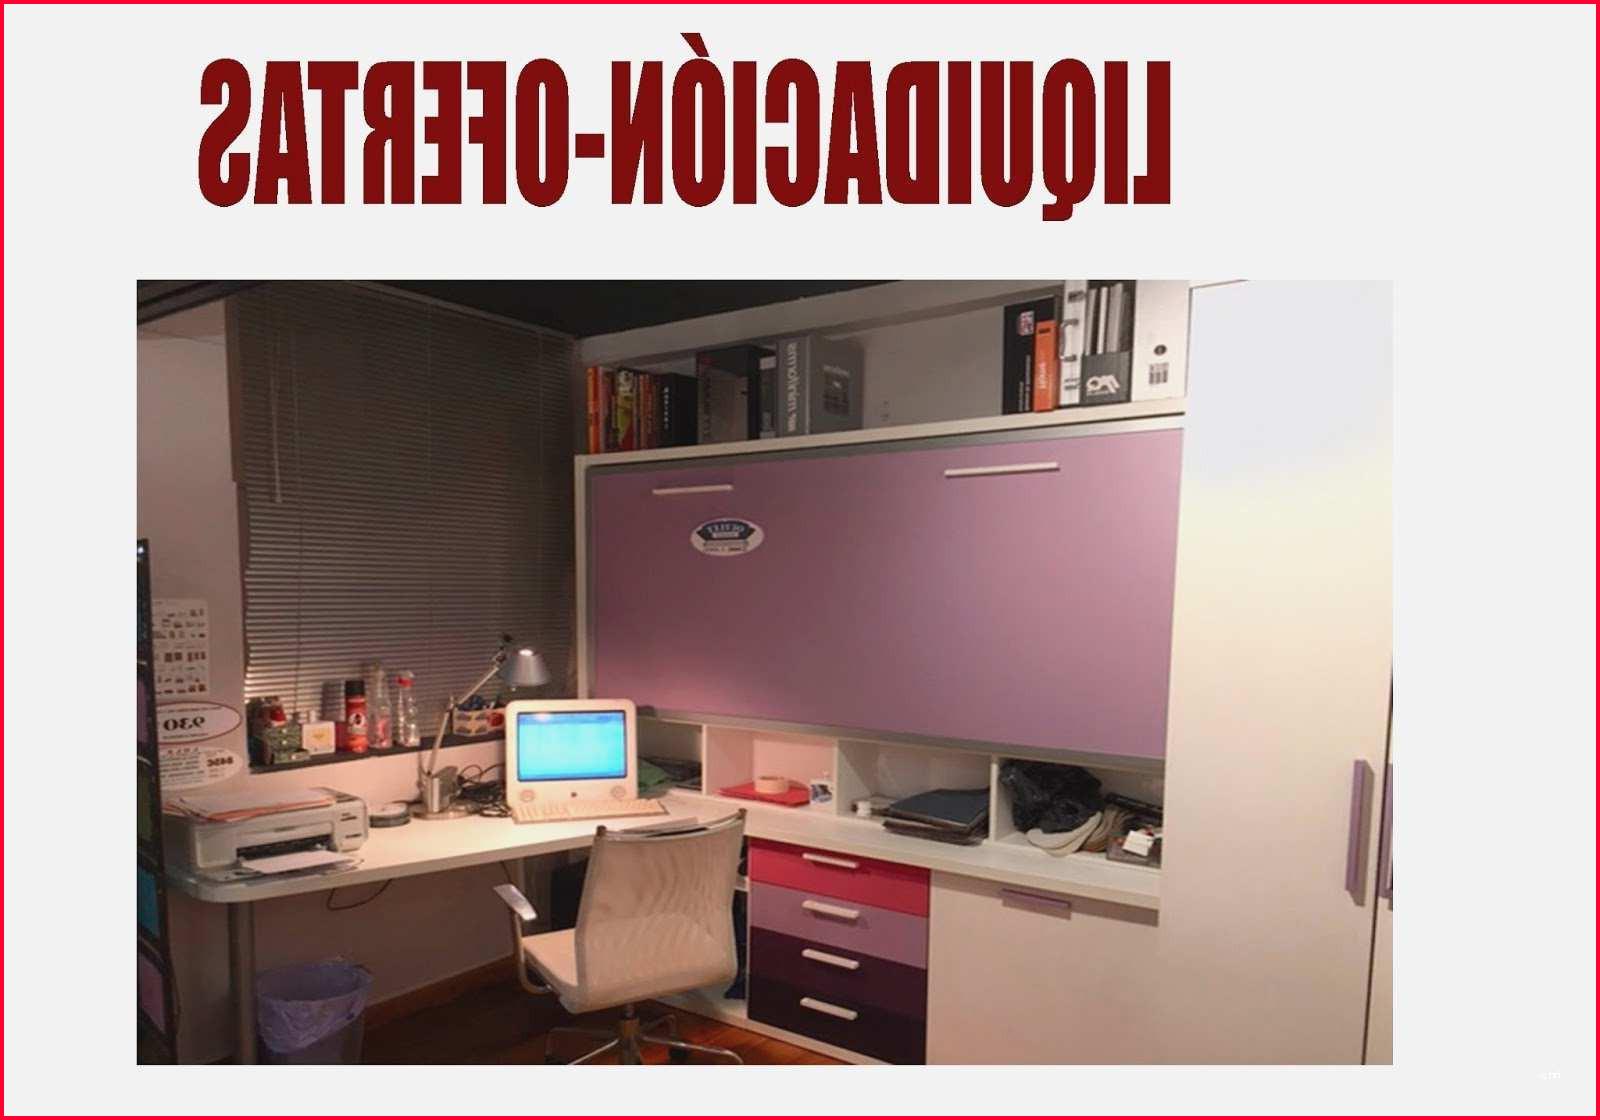 Liquidacion Muebles Barcelona Gdd0 Liquidacion Muebles Barcelona Nuevo Ertas sofas Barcelona